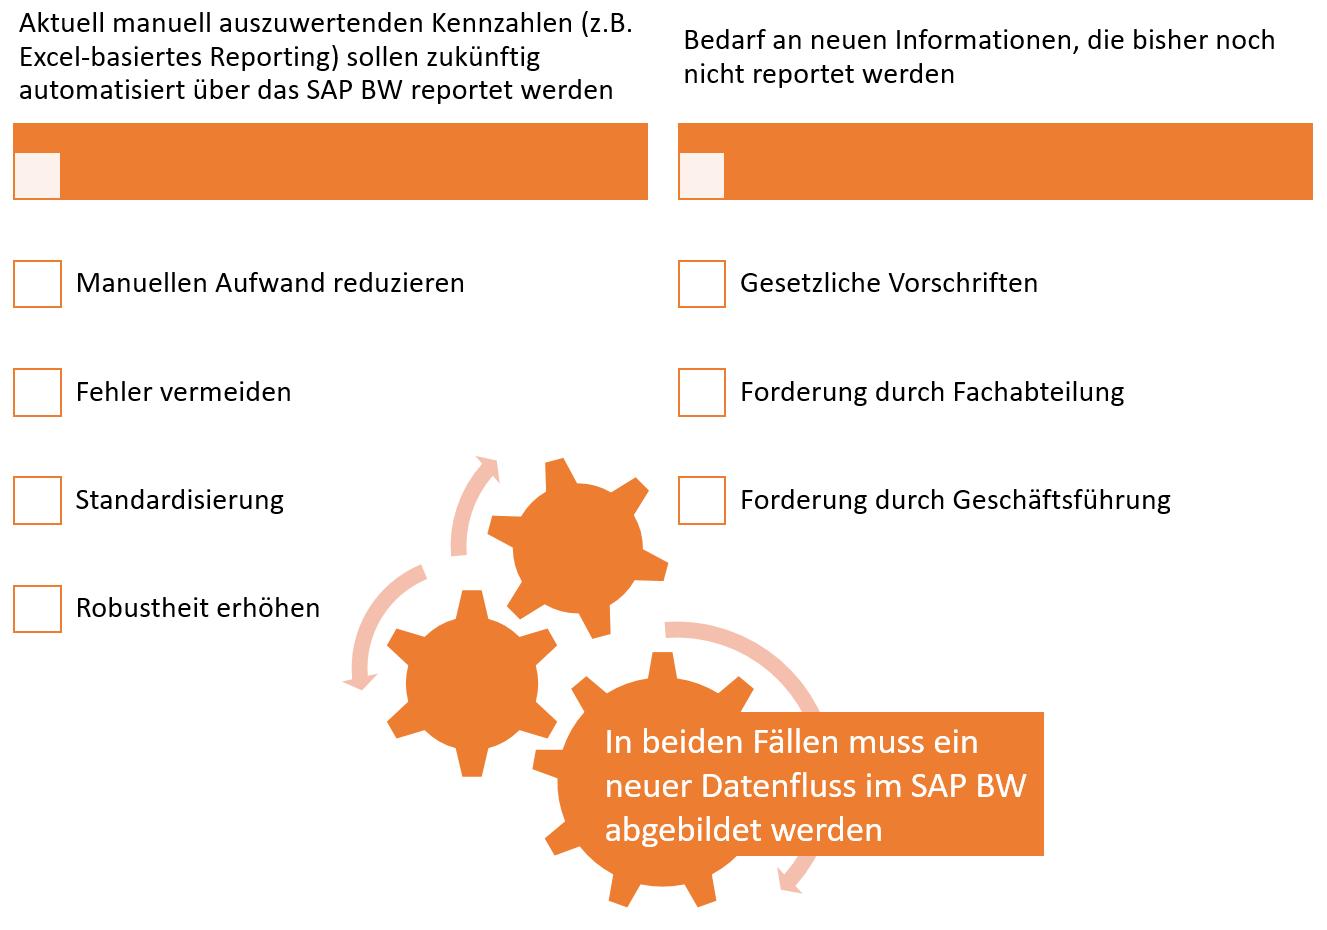 Gründe neuer SAP BW Datenfluss